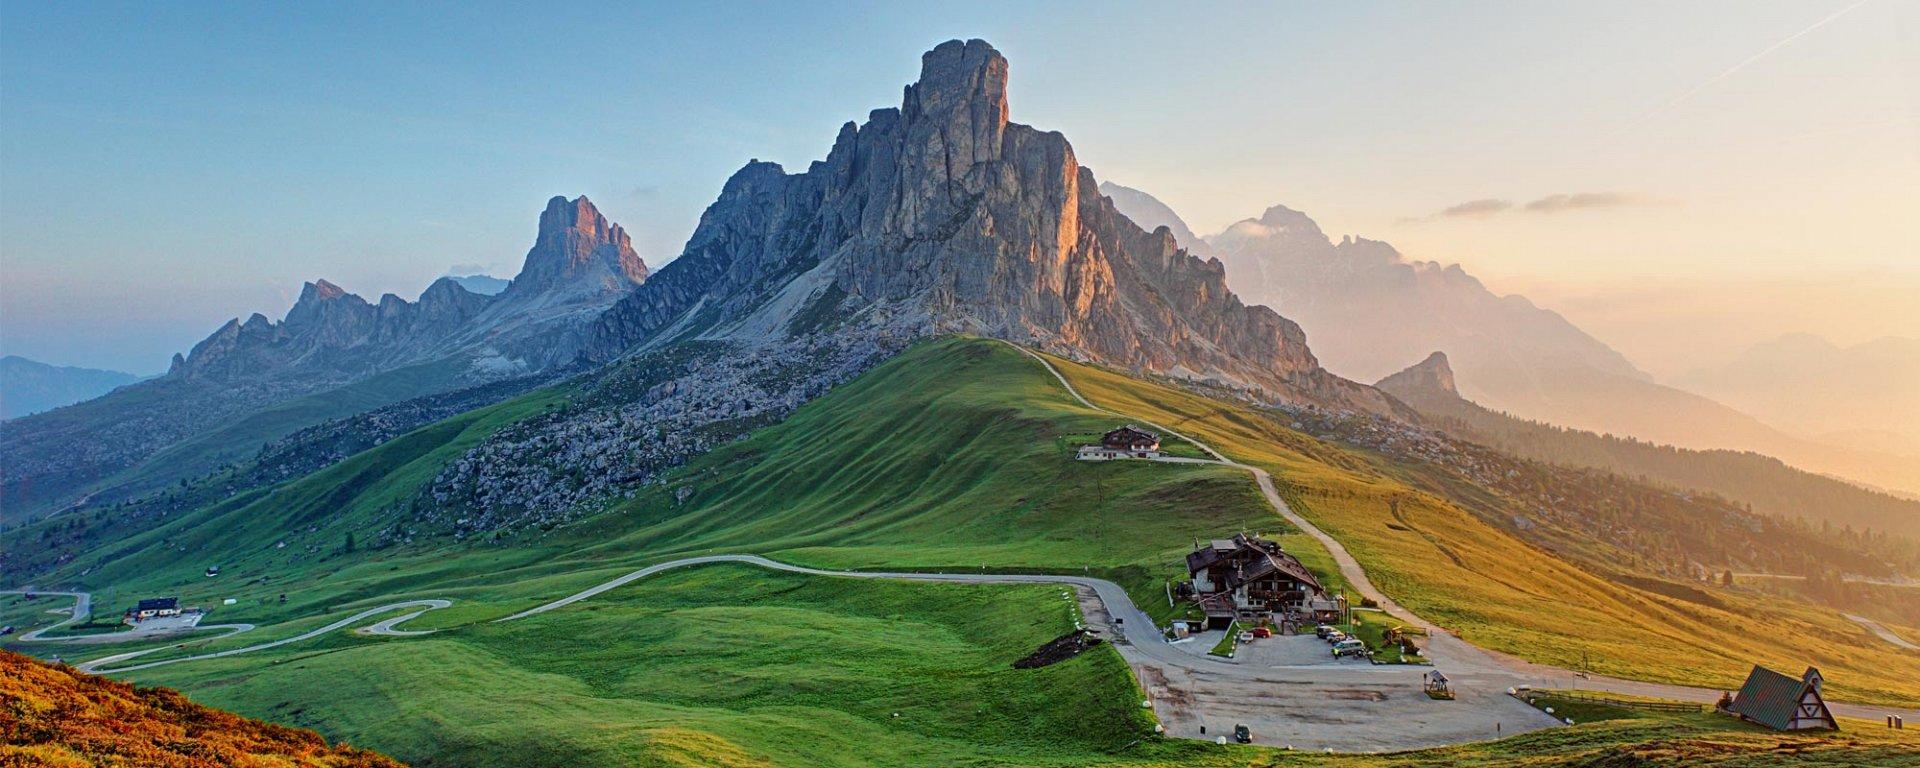 Dolomiti hotel dolomiti vacanze in montagna for Vacanze in montagna